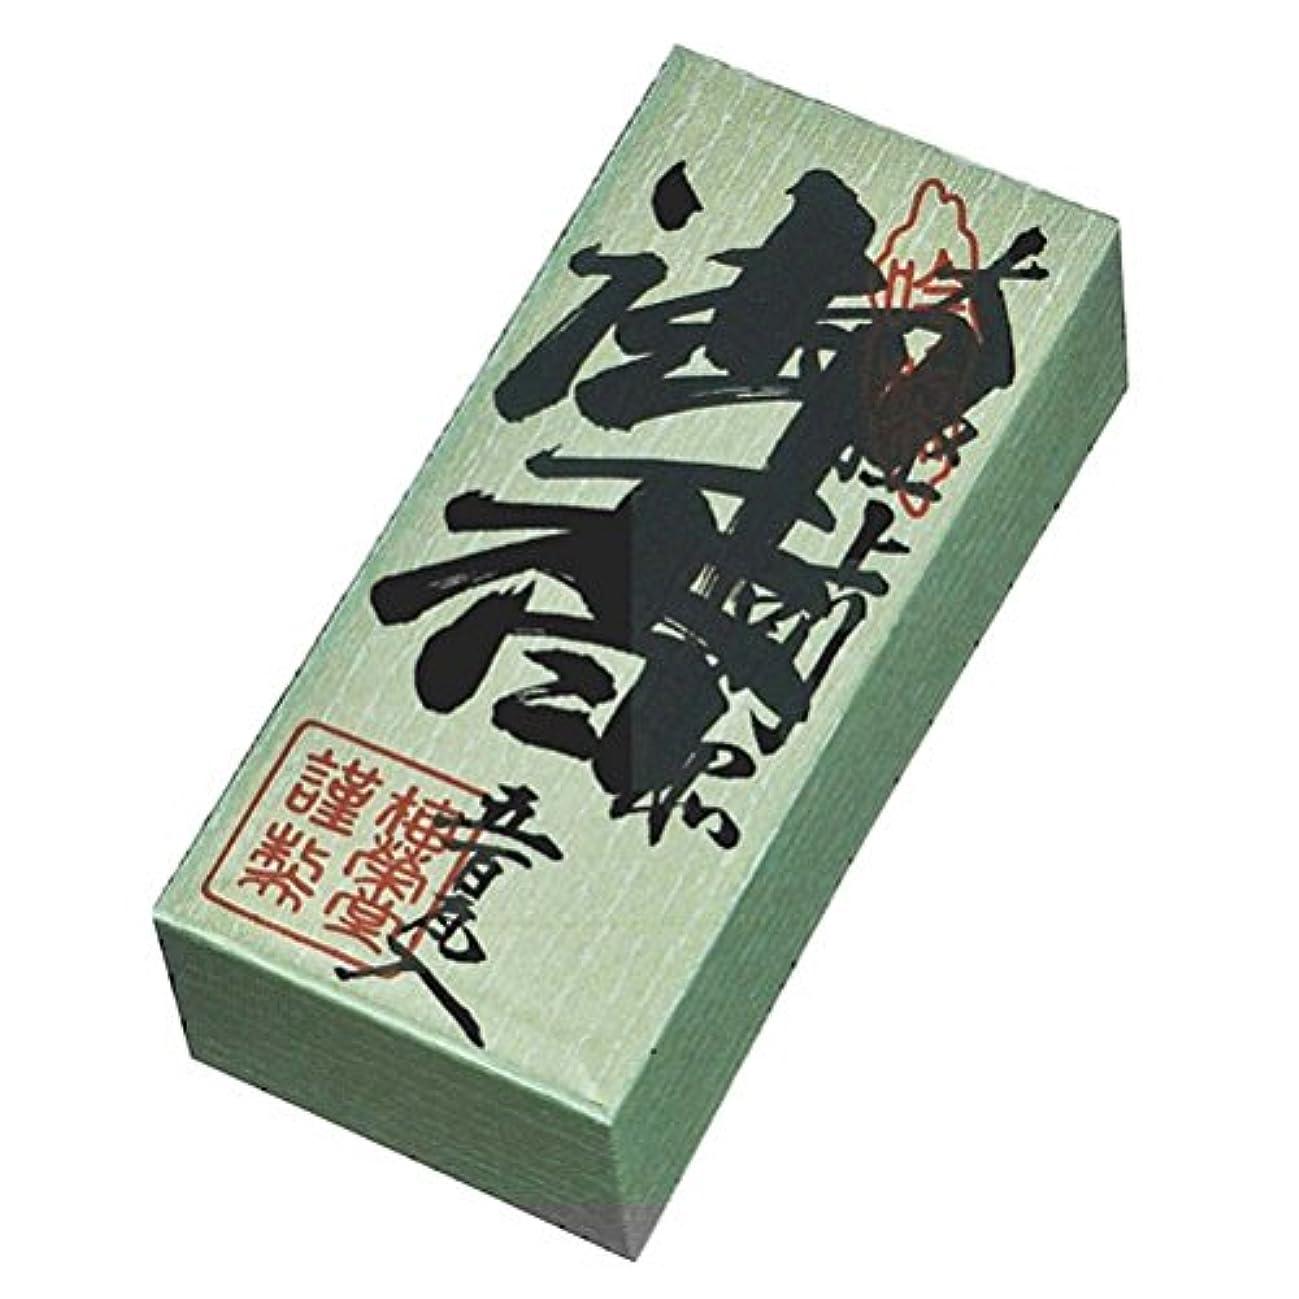 すでにマイコン試み仙寿印 500g 紙箱入り お焼香 梅栄堂